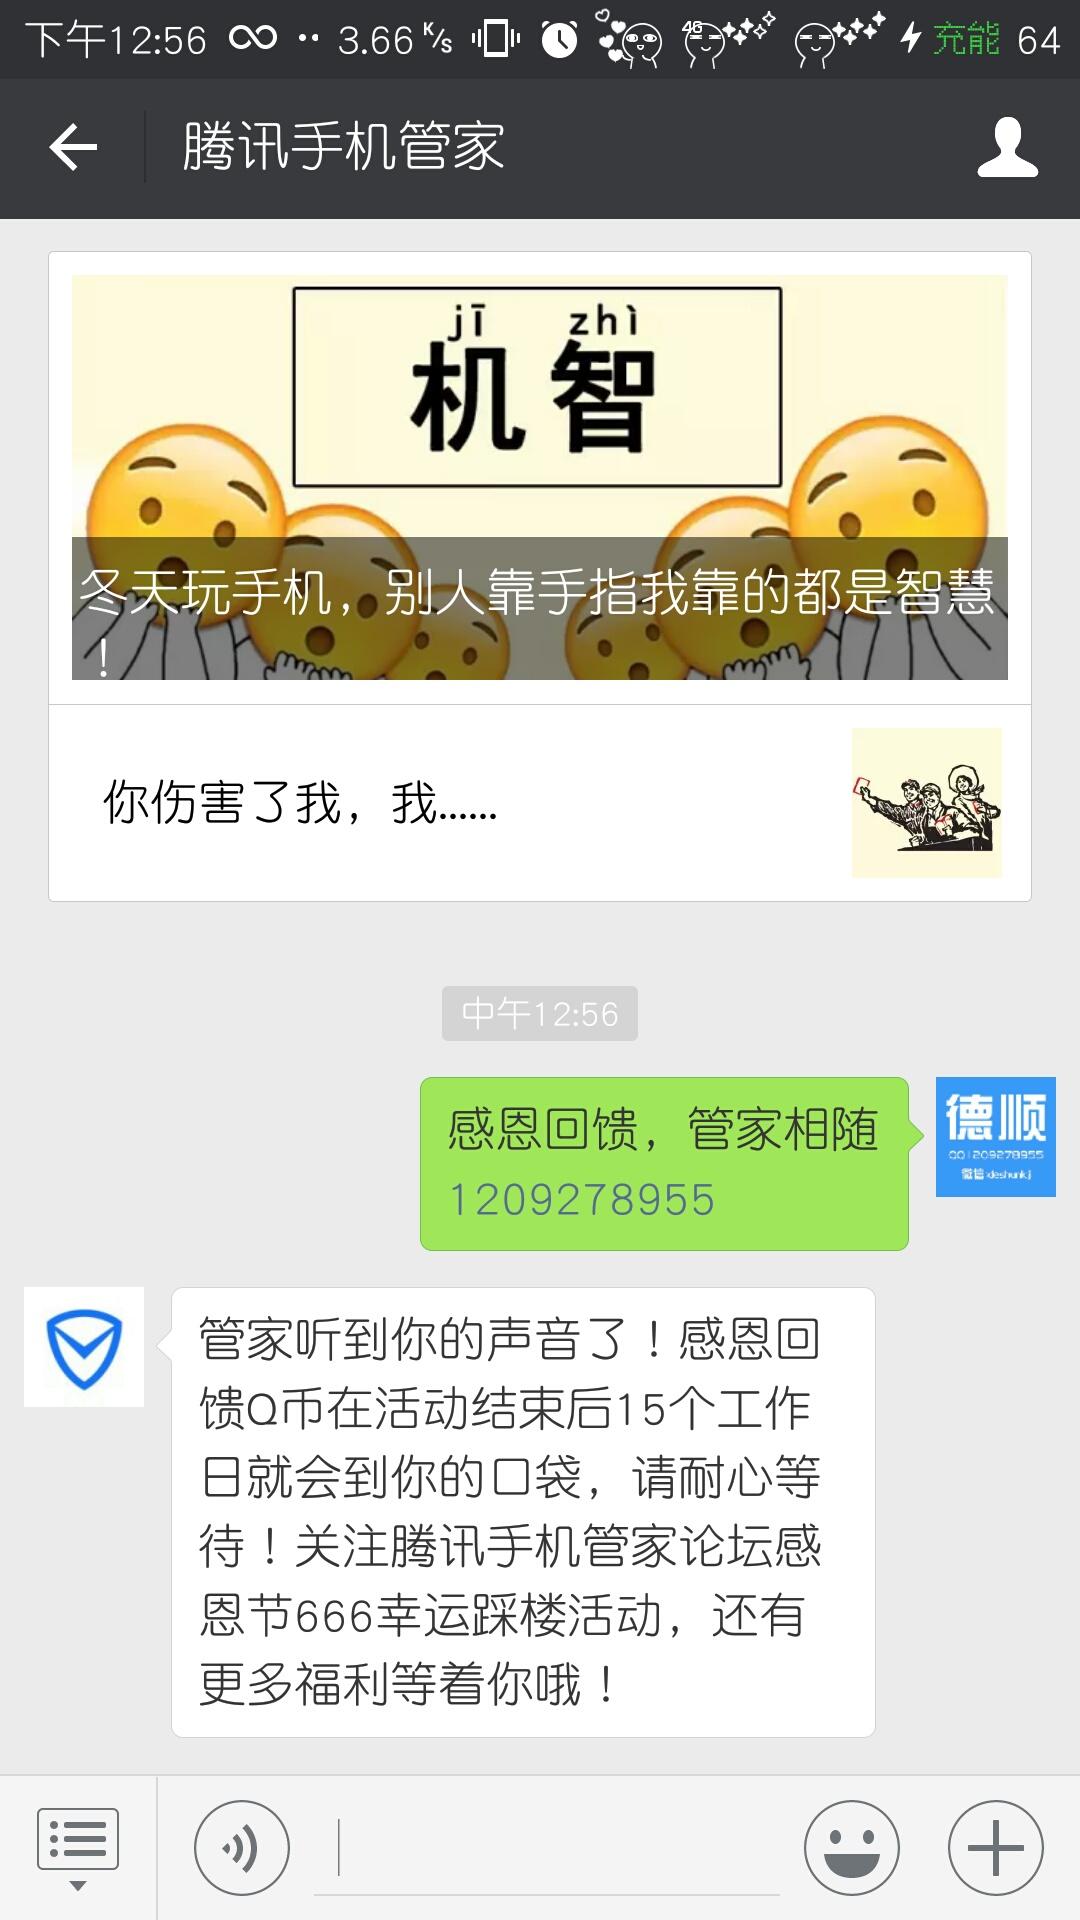 腾讯手机管家微信回复得2-20Q币,抢楼赢666Q币奖励! 活动线报 第2张